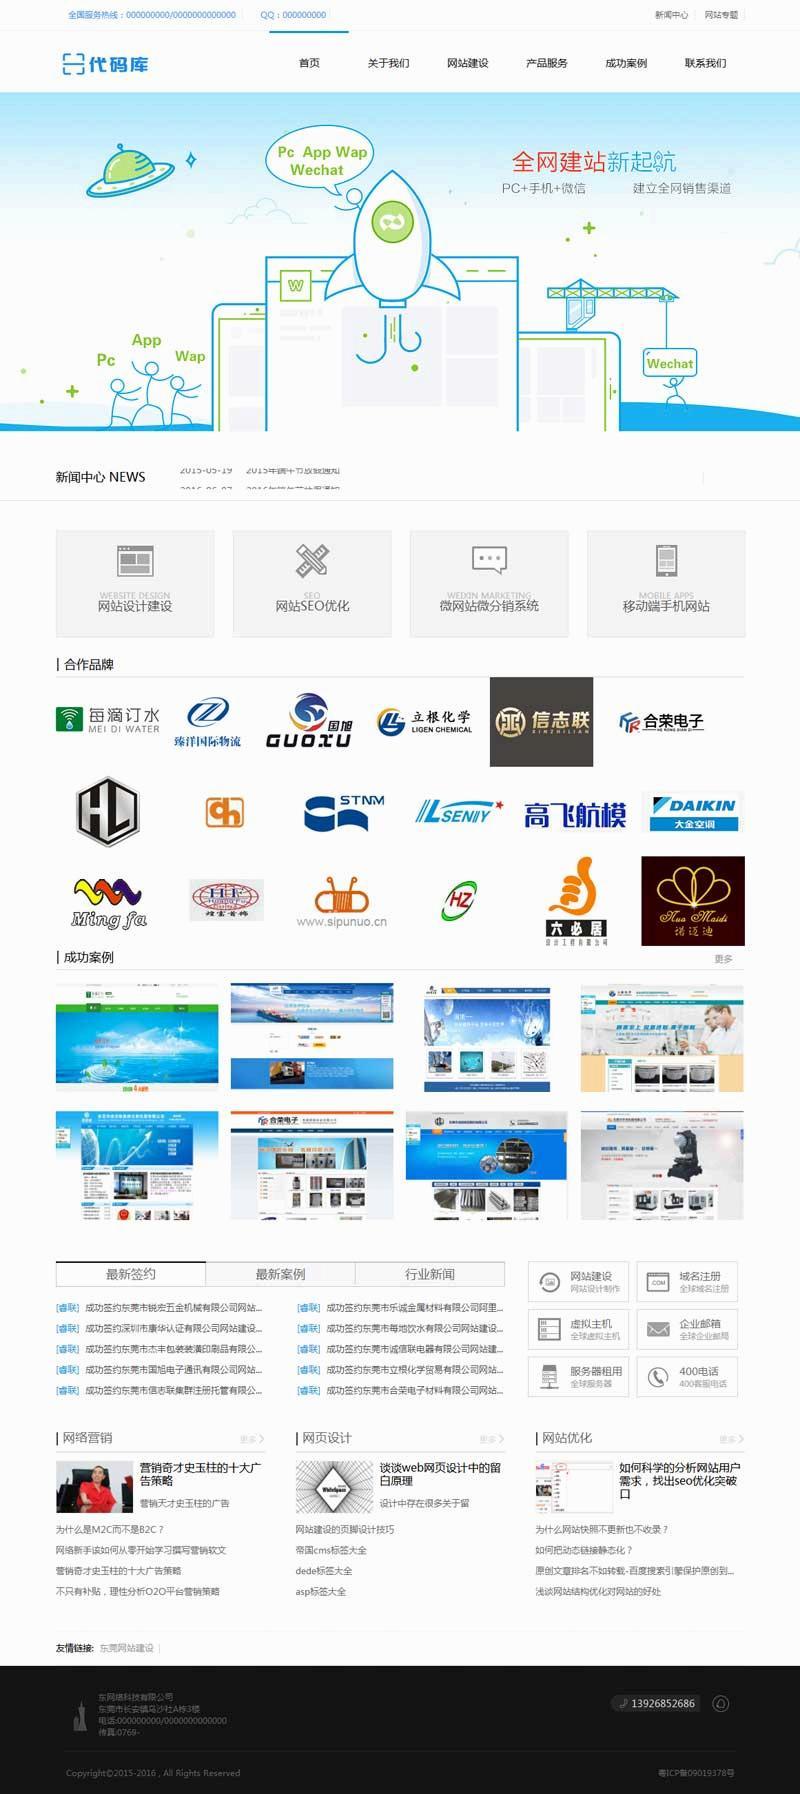 蓝色大气的网站建设网络公司html整站模板